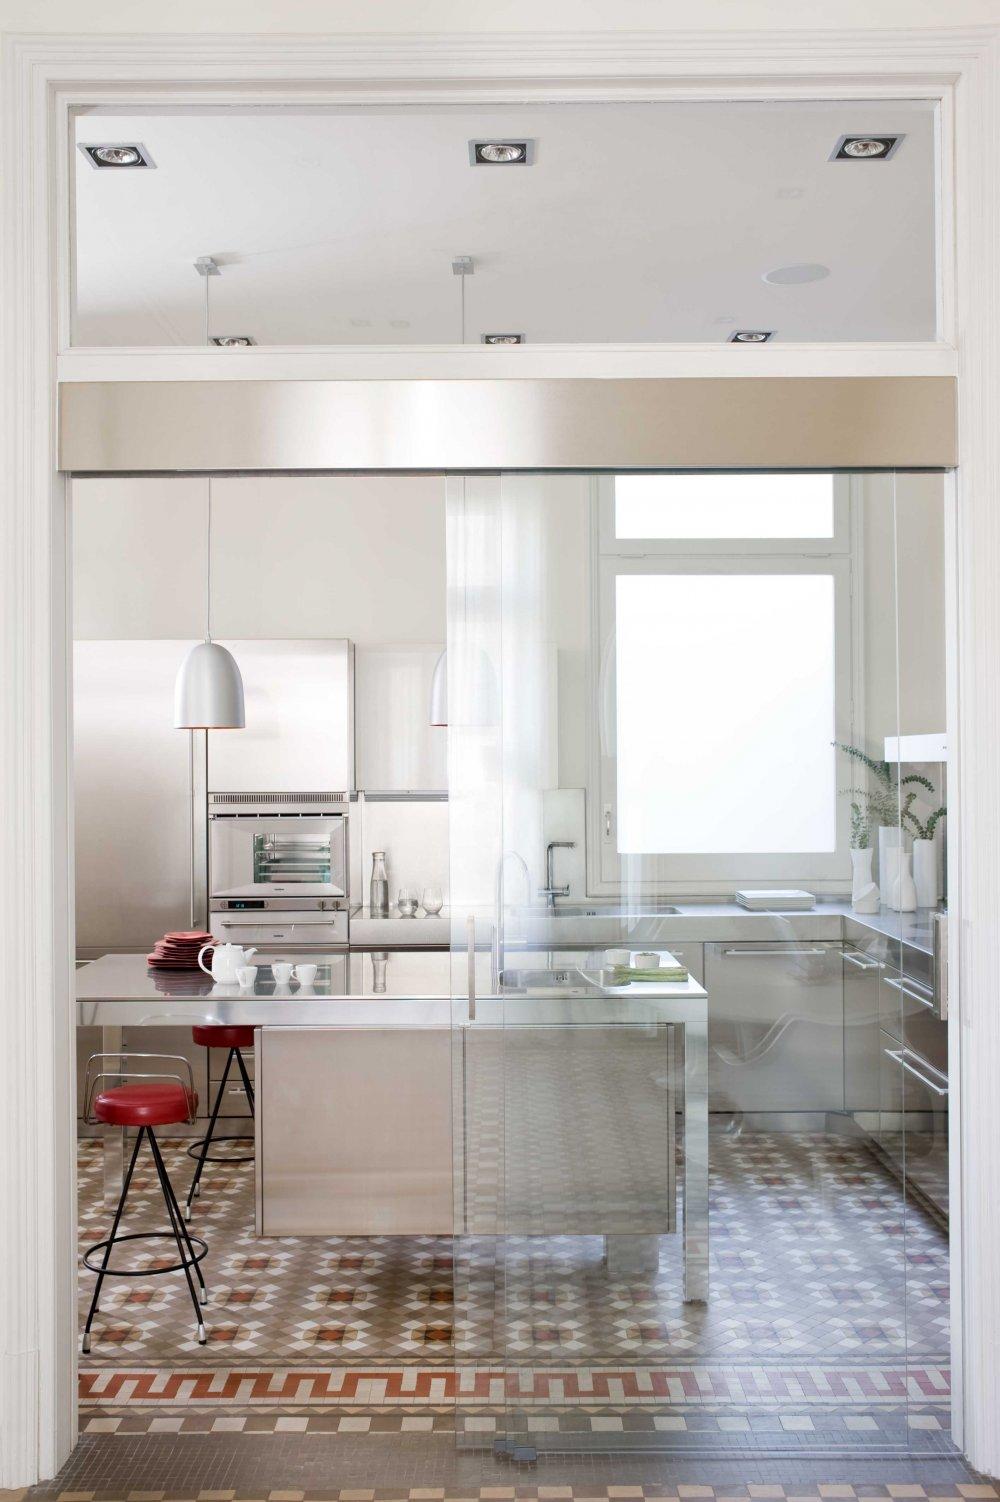 Kuchnia  stal i szkło  Wnętrza inspiracje